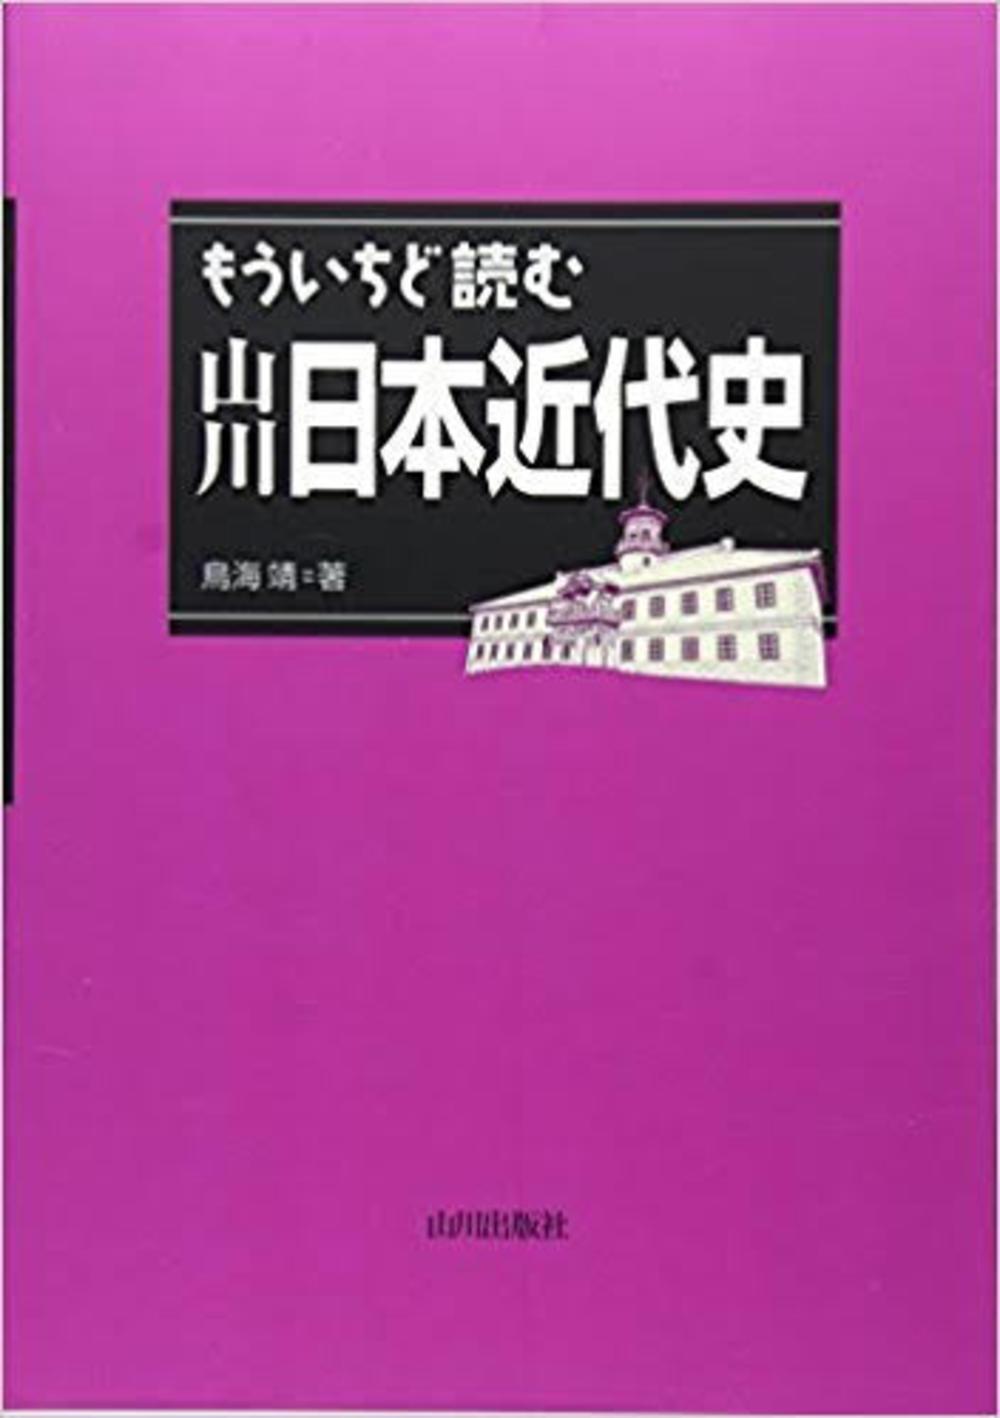 11/27火 11月近代史勉強会